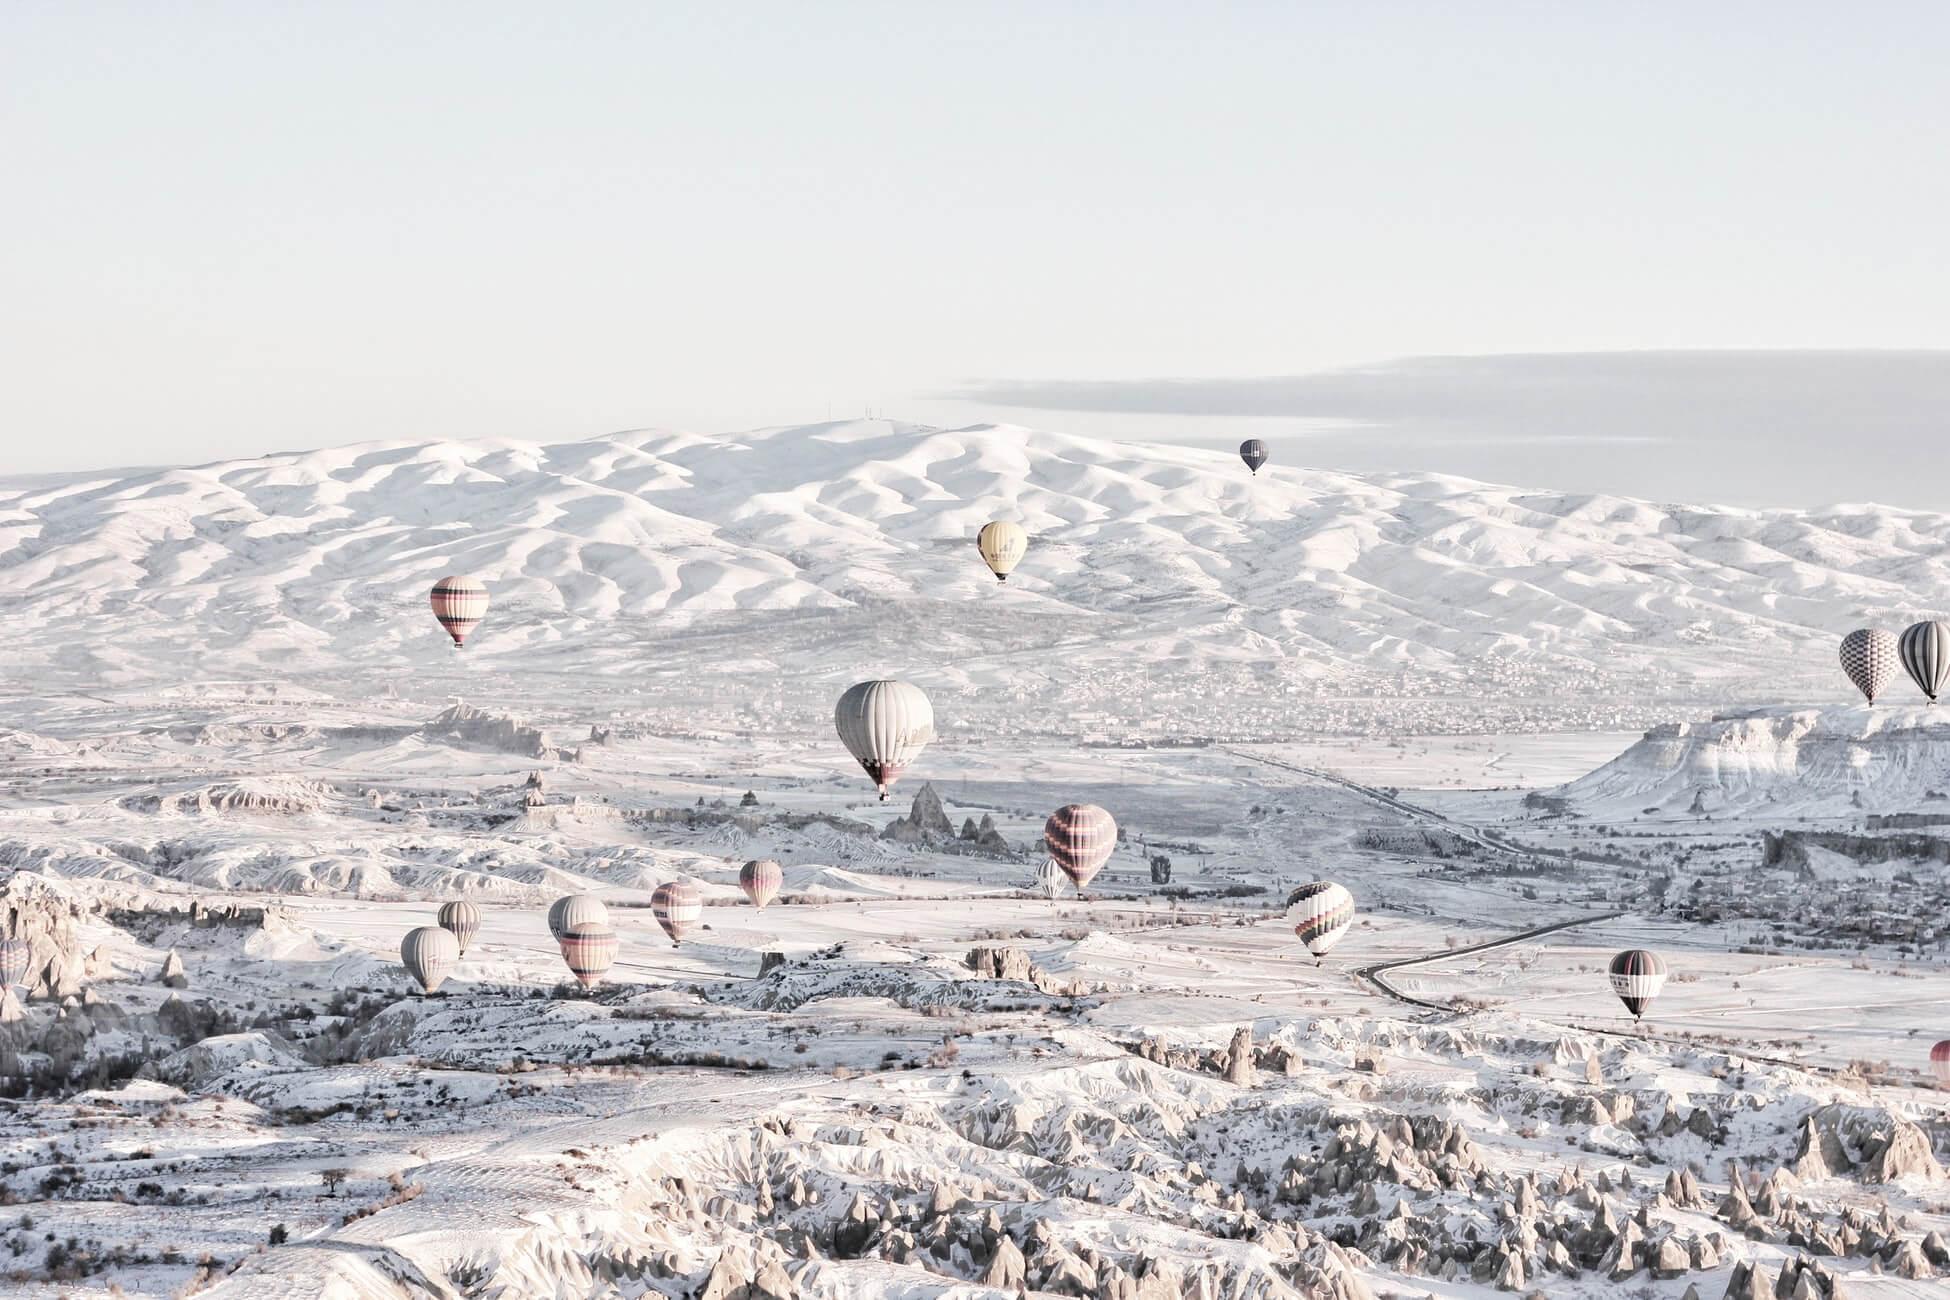 Поясним за новости: почему все говорят о туристическом налоге в Турции